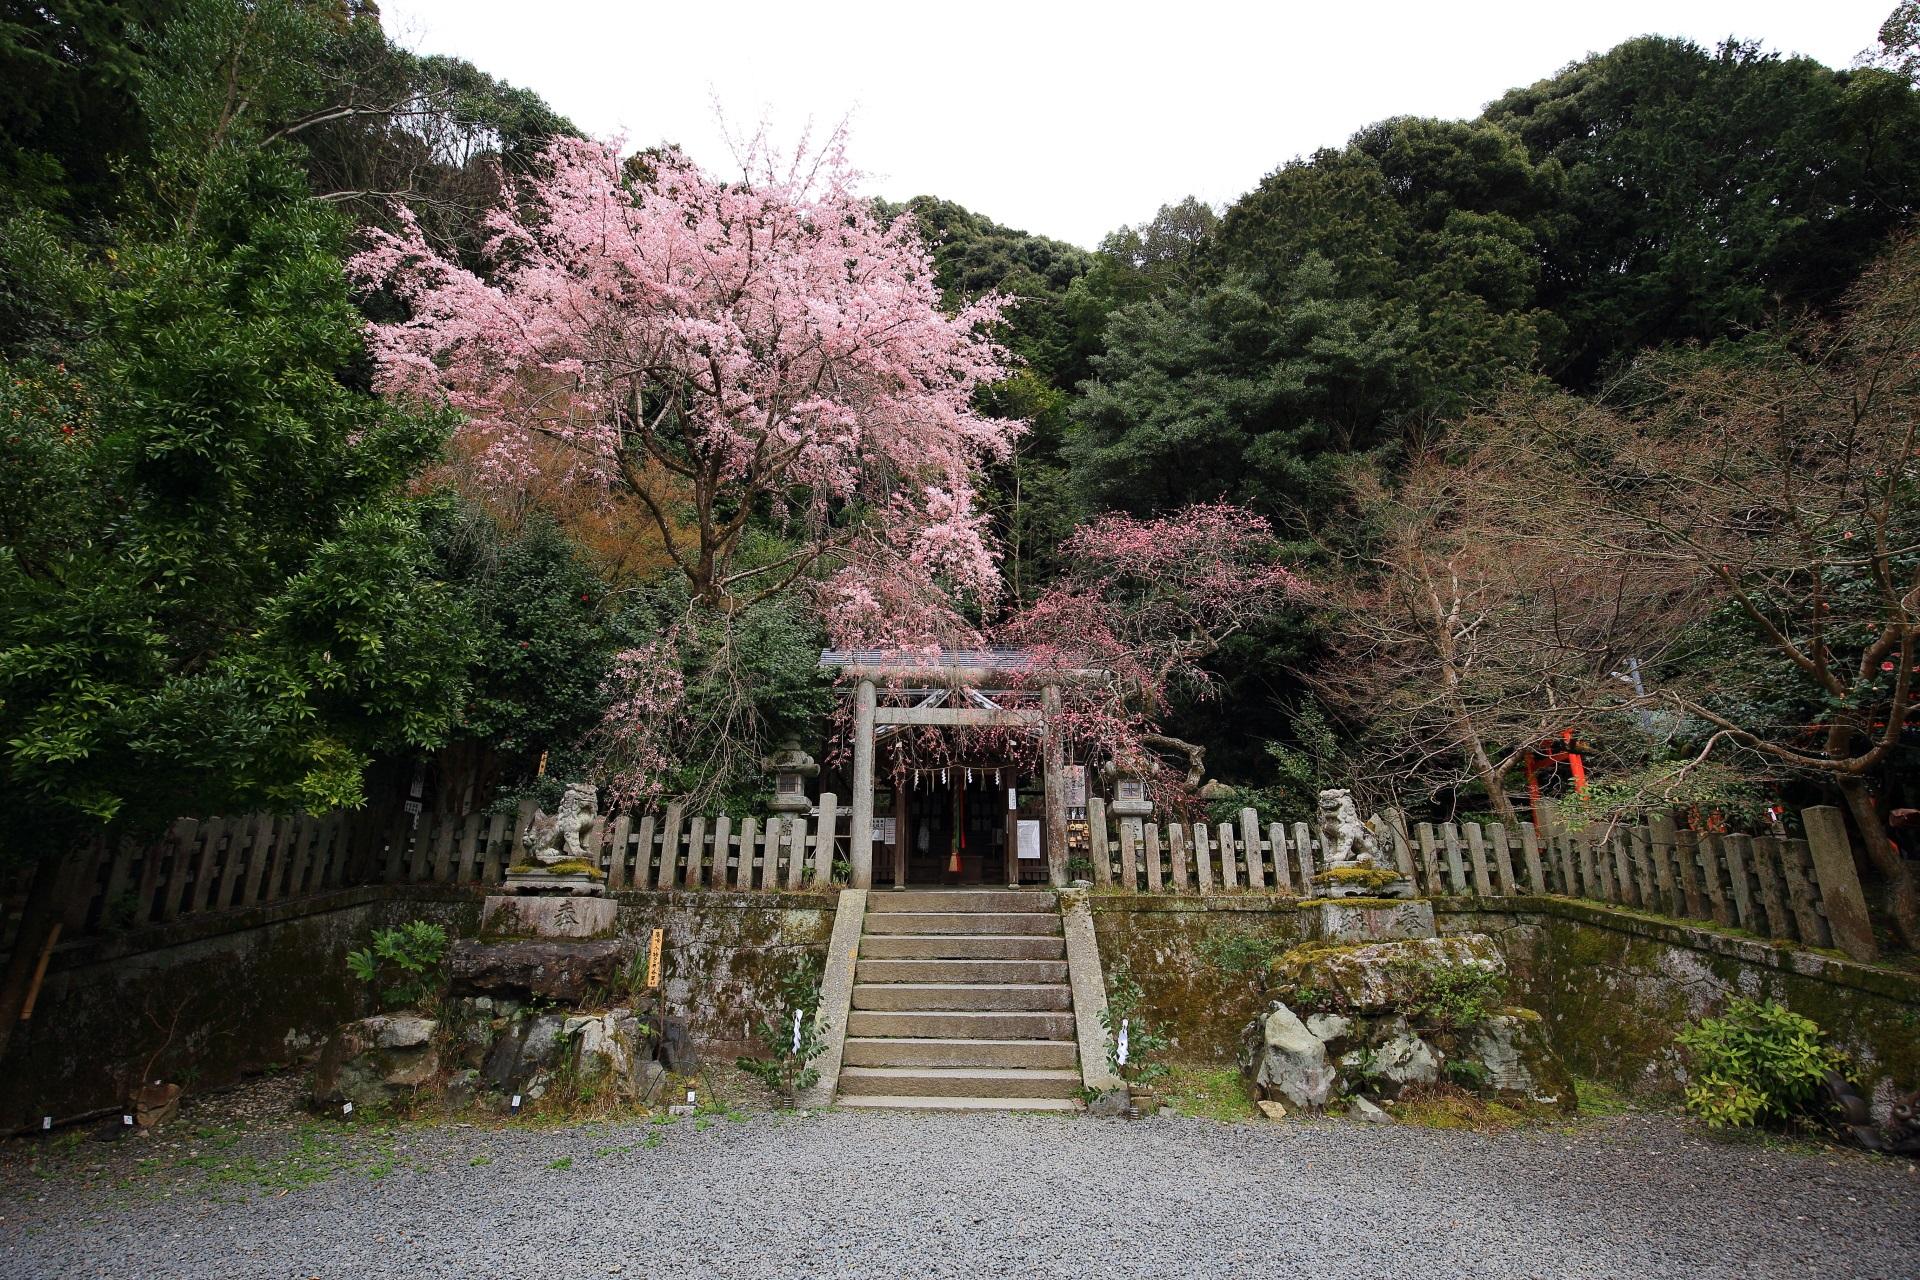 大豊神社の本殿前のしだれ桜としだれ梅